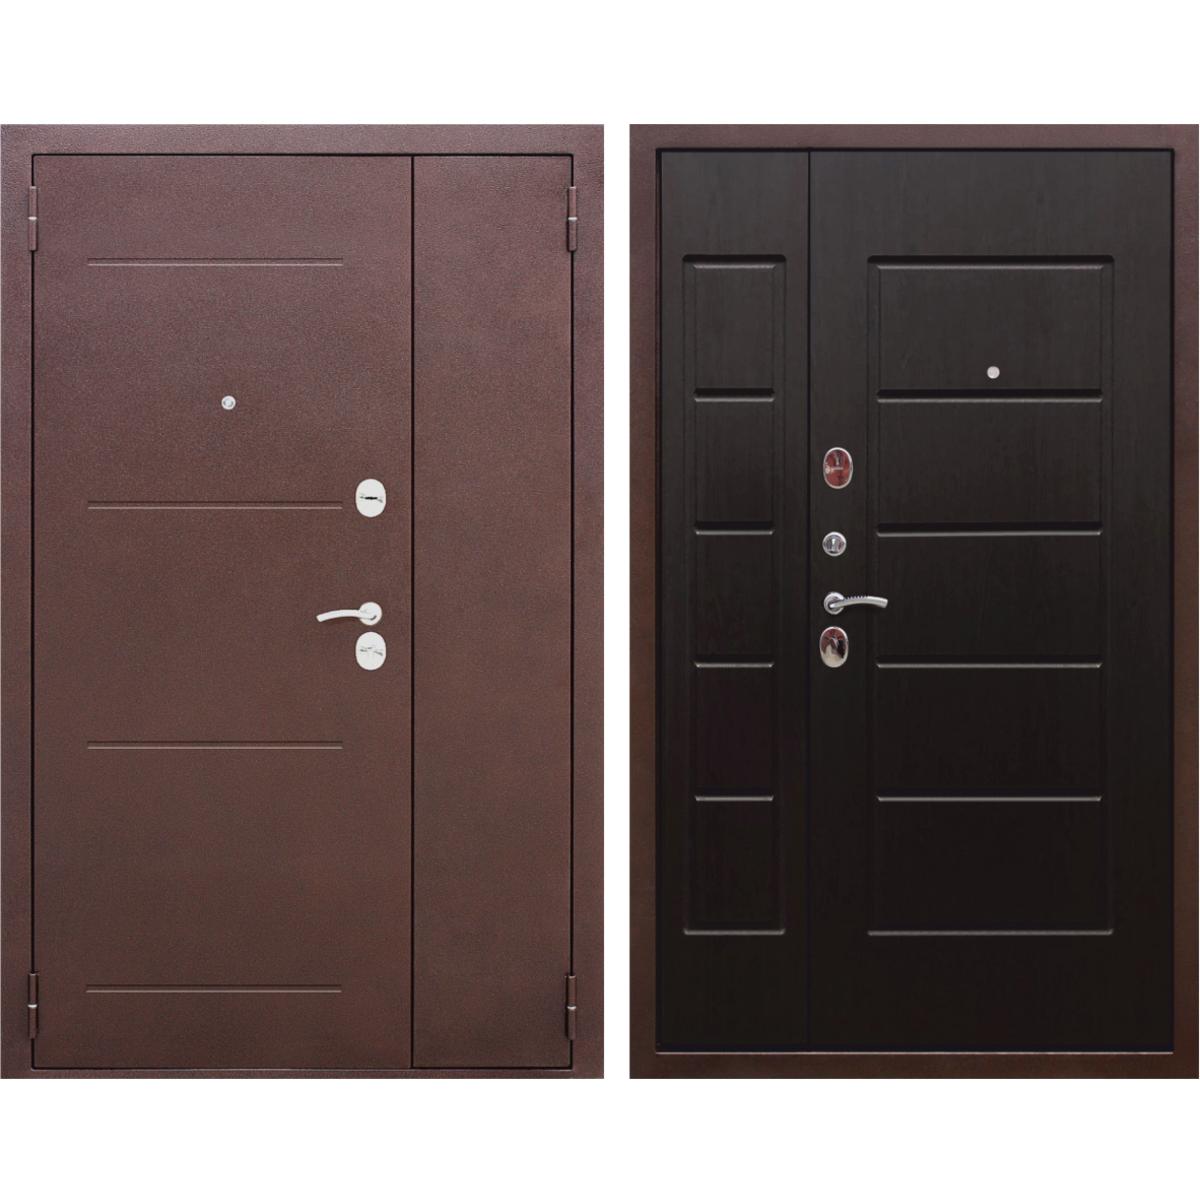 Дверь входная металлическая Гарда 7.5 см 1200х2050 мм левая цвет венге